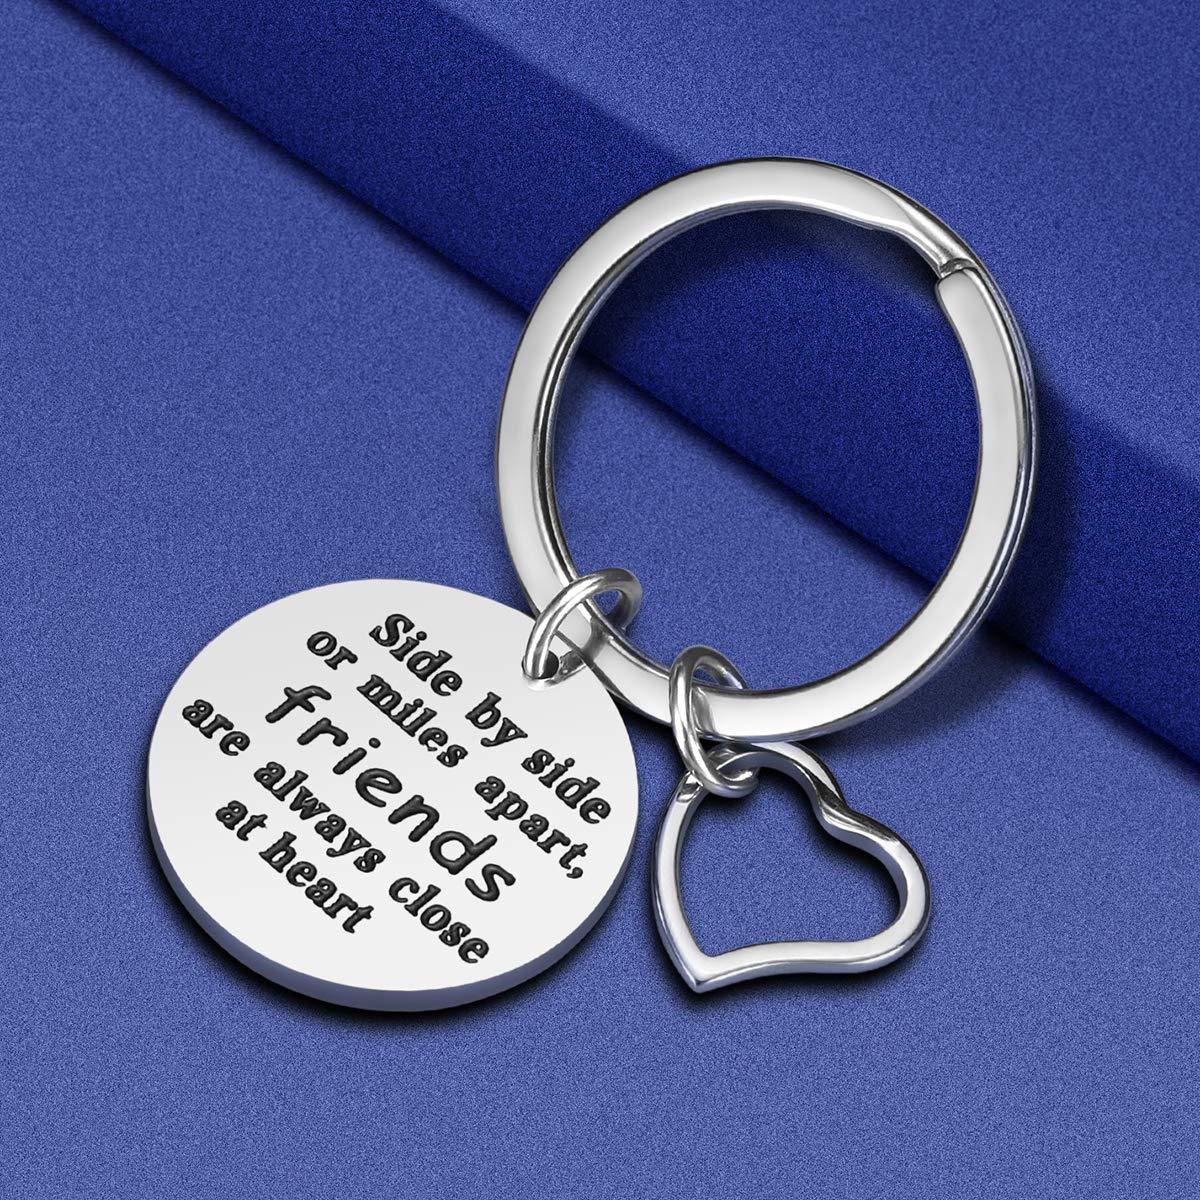 Amazon.com: iWenSheng - Llavero de la amistad para mujer, de ...